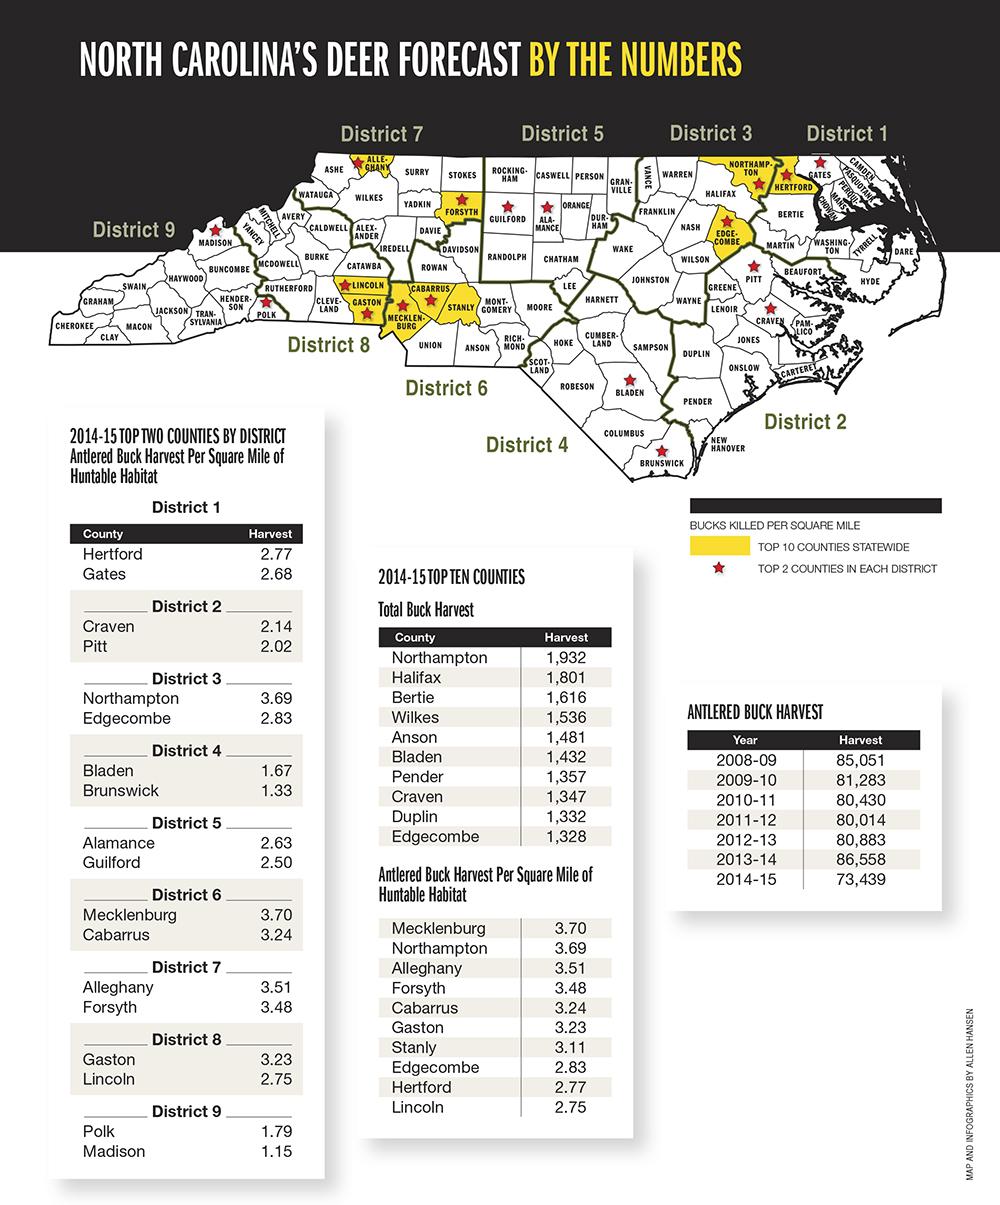 2015 Trophy Deer Forecast: North Carolina